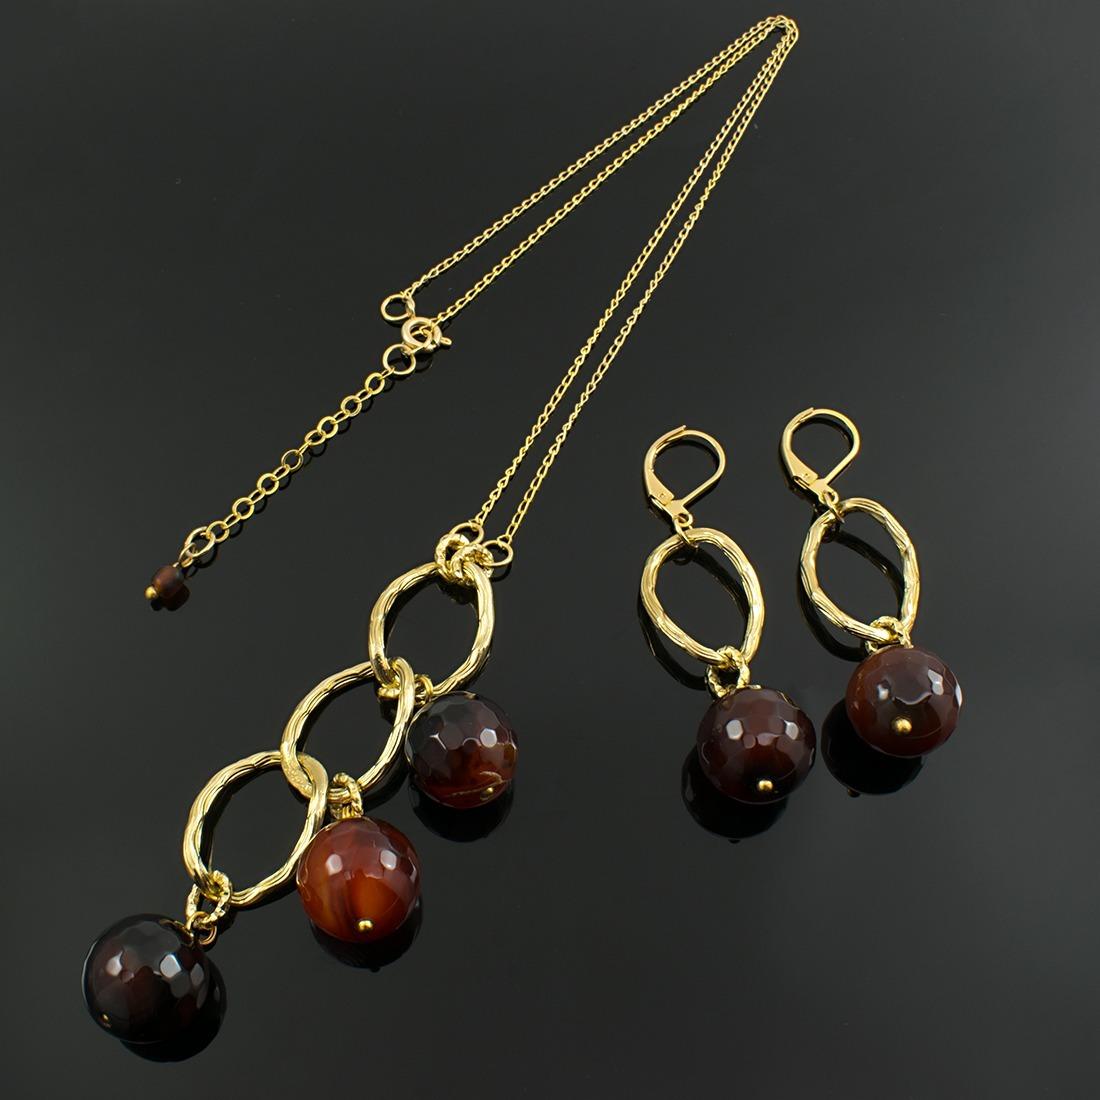 b0c3112117c5 collares mujer piedras semipreciosas agata baño oro joyas. Cargando zoom.